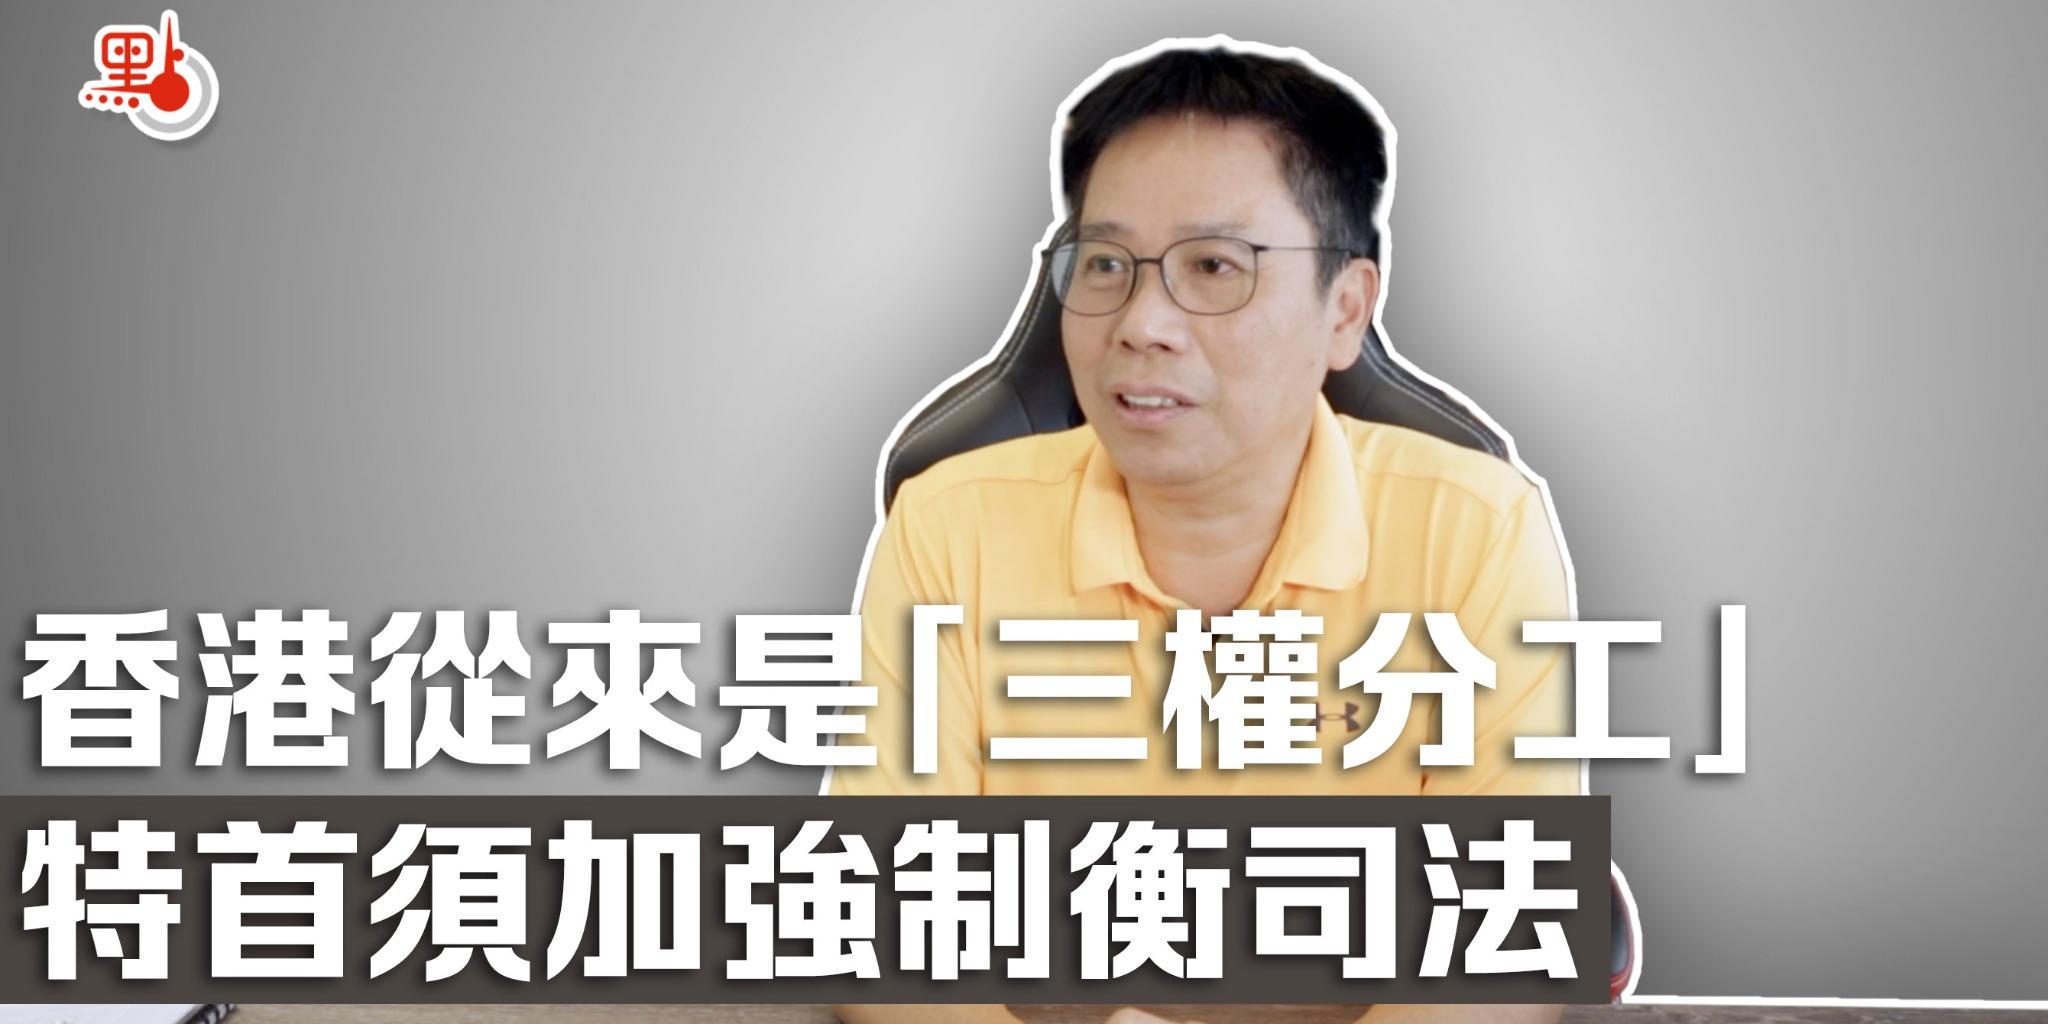 冼師傅教路 | 香港從來是「三權分工」且行政主導  特首須加強制衡司法權